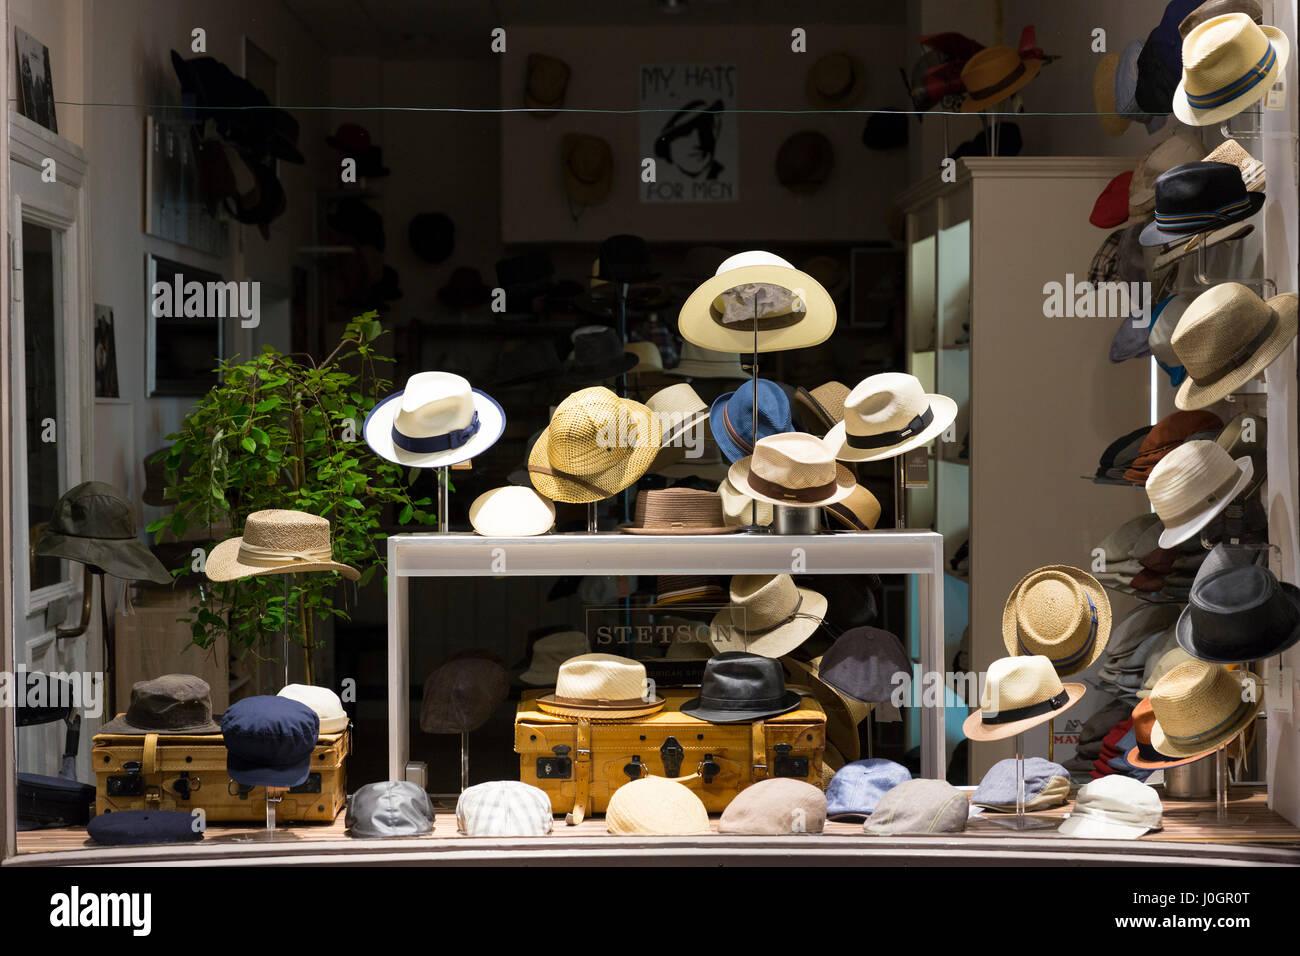 Visualización de los hombres - sombreros panamá sombreros 6b43baf5bf5